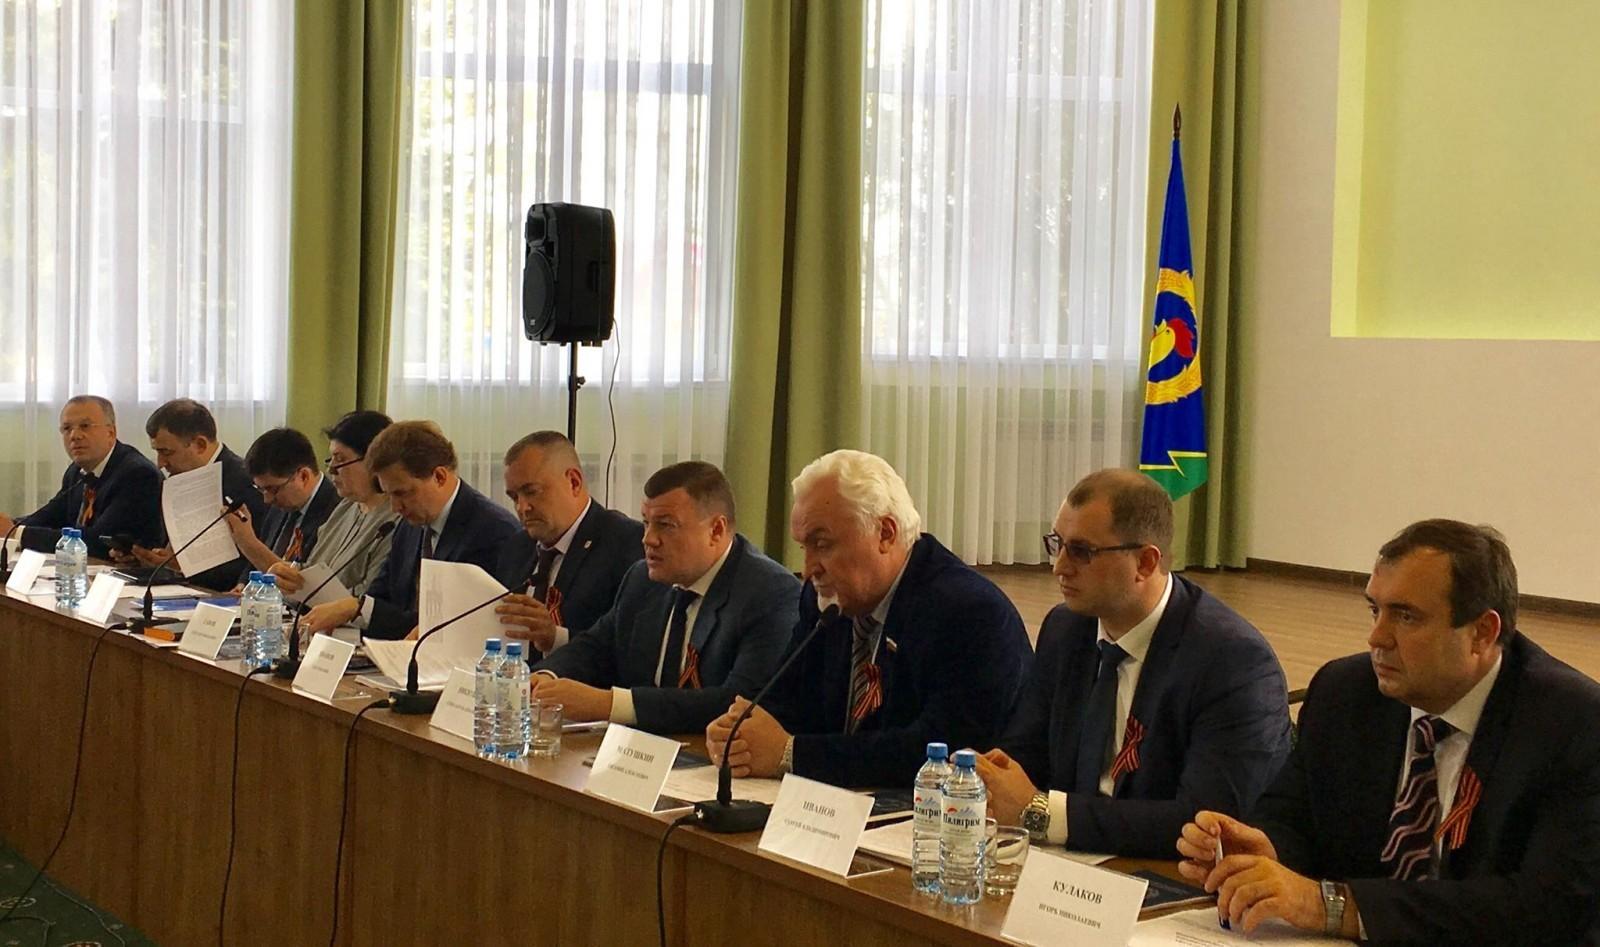 Александр Никитин обсудил с руководителями муниципалитетов вопросы социально-экономического развития области